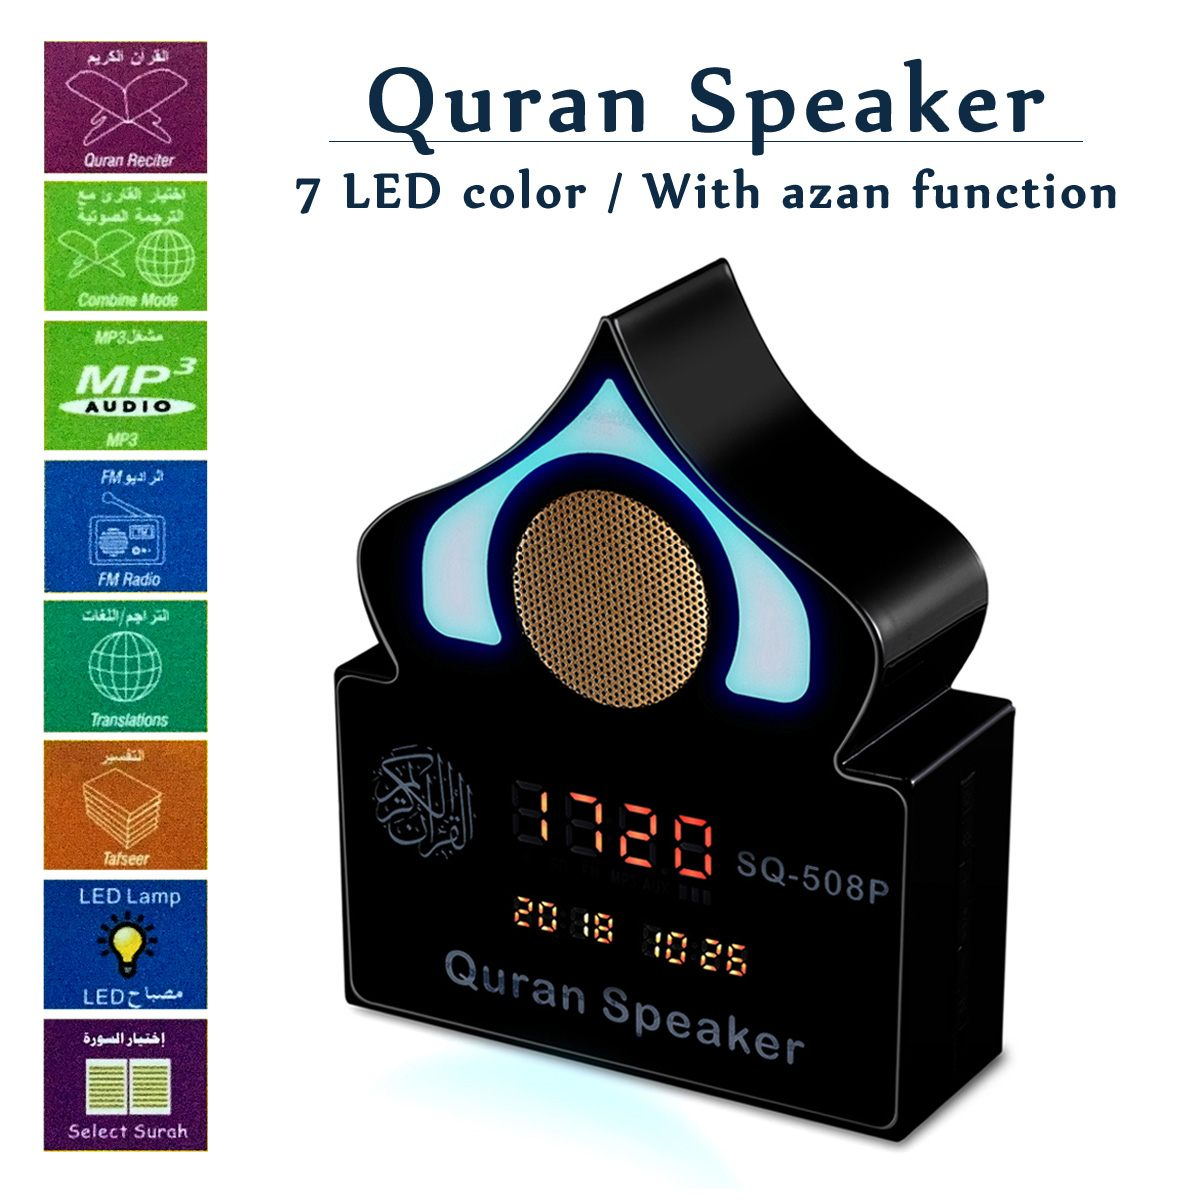 Télécommande Coran Haut-Parleur Sans Fil lumière colorée horloge led bluetooth Ramadan Azan Islamique Musulman MP3 Lecteur Coran Traducteur